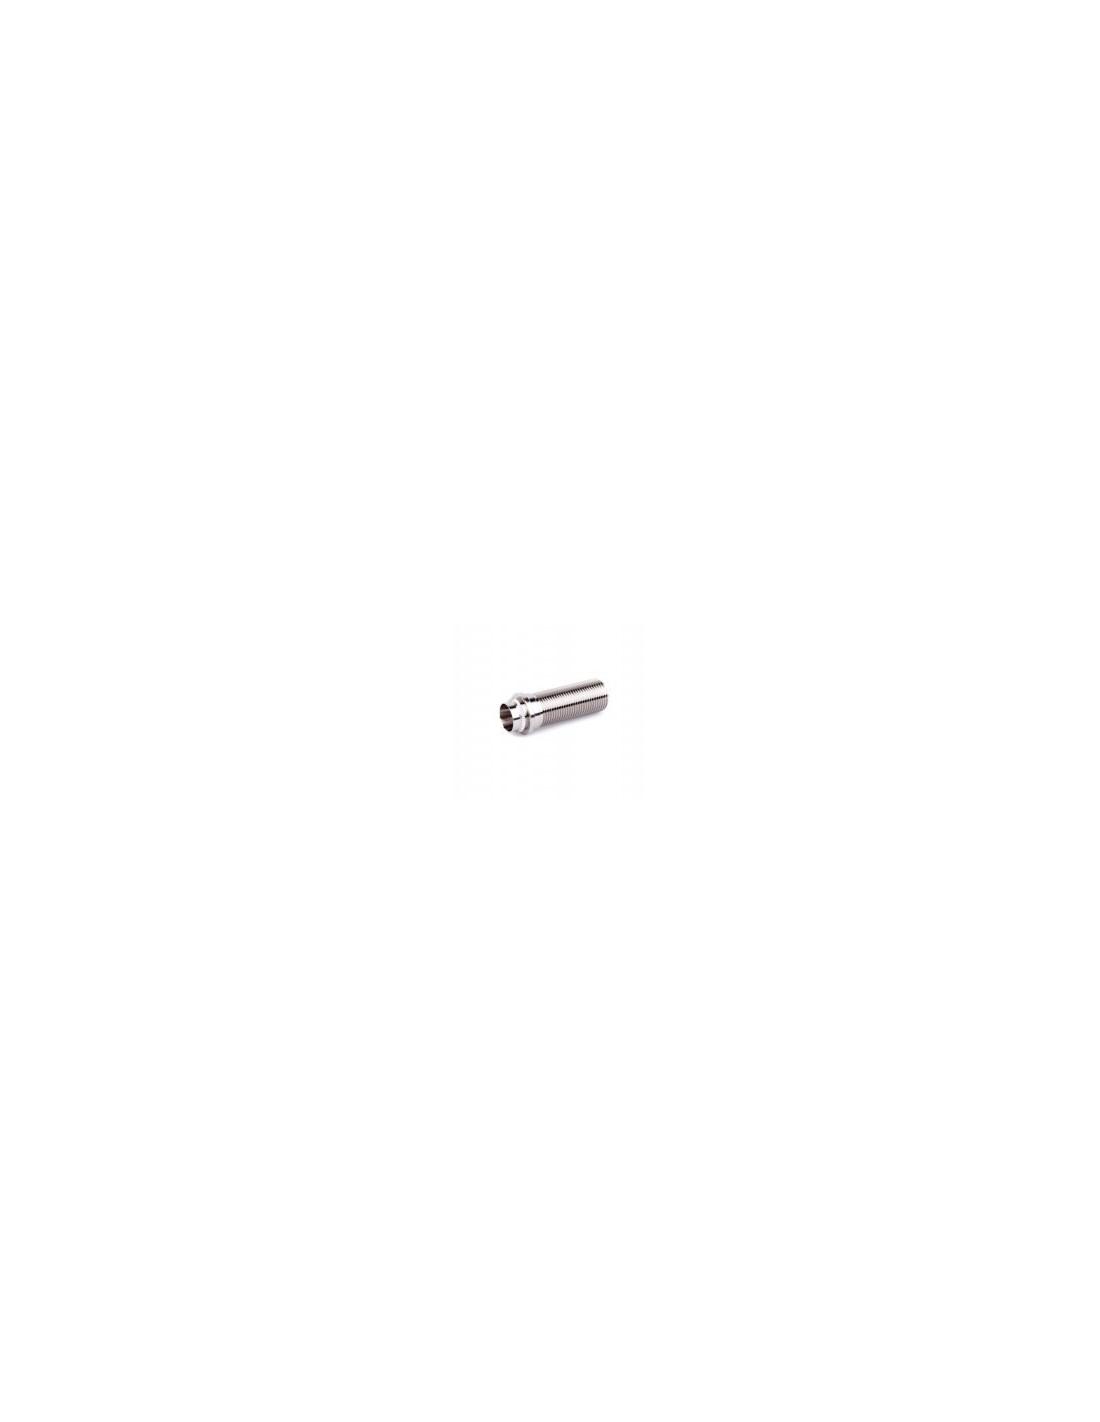 KOH01960 - Bakstycke (shank) till tappkran 55mm (15)